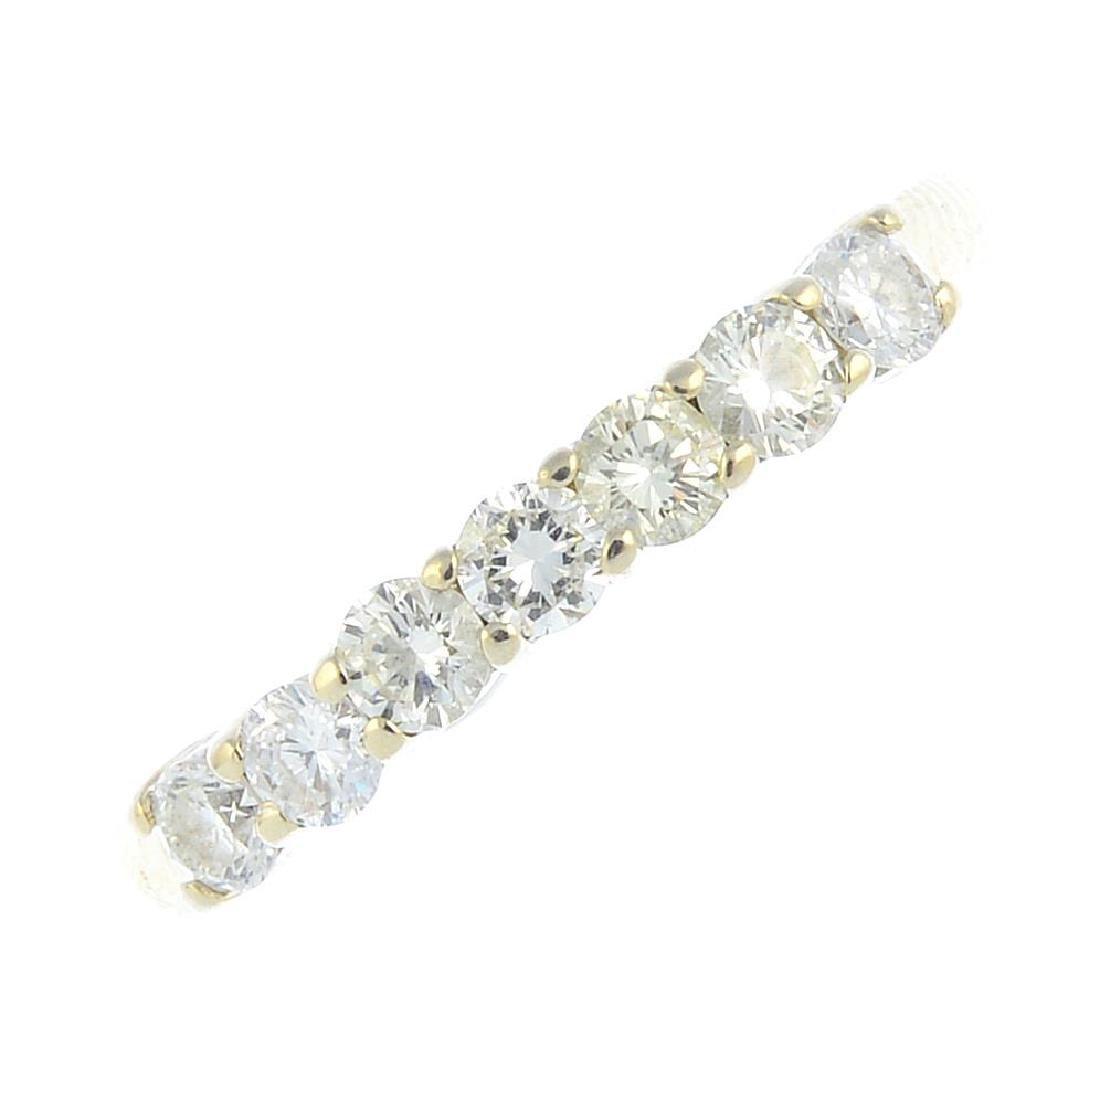 A 14ct gold diamond seven-stone ring. The brilliant-cut